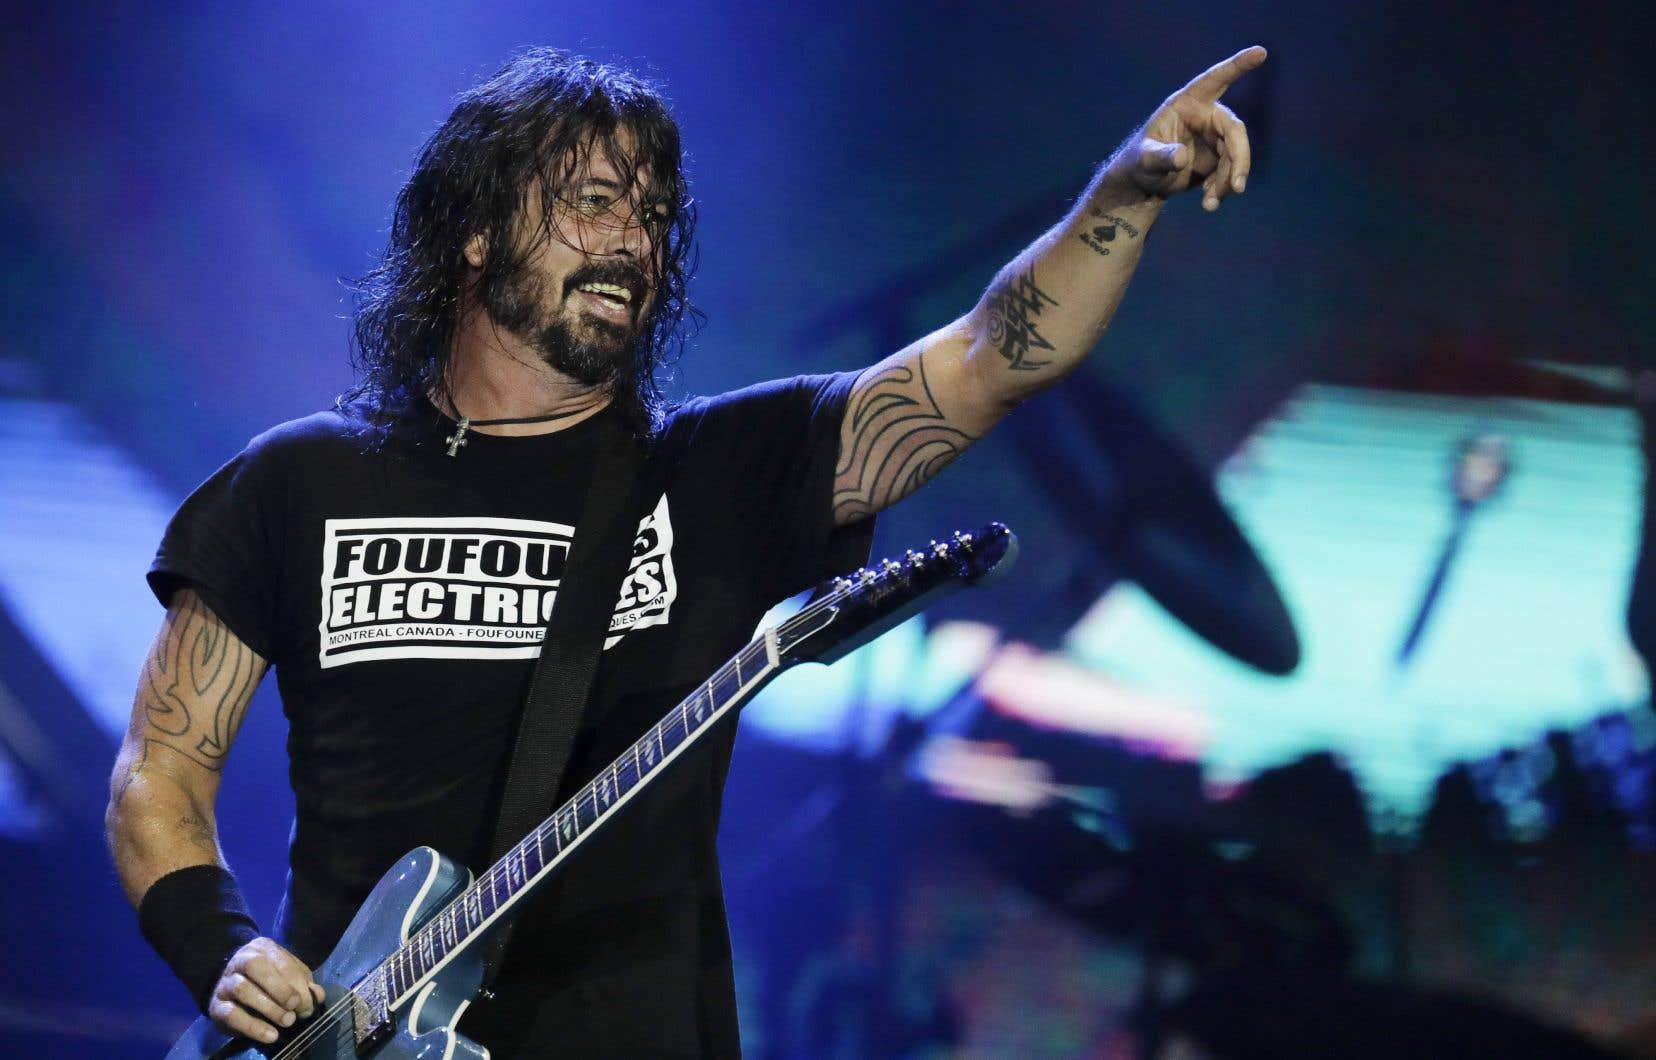 Les Foo Fighters faisaient déjà partie de l'affiche de l'été dernier. Le groupe rock devrait se produire au premier soir du 15e anniversaire d'Osheaga, le vendredi 30 juillet.